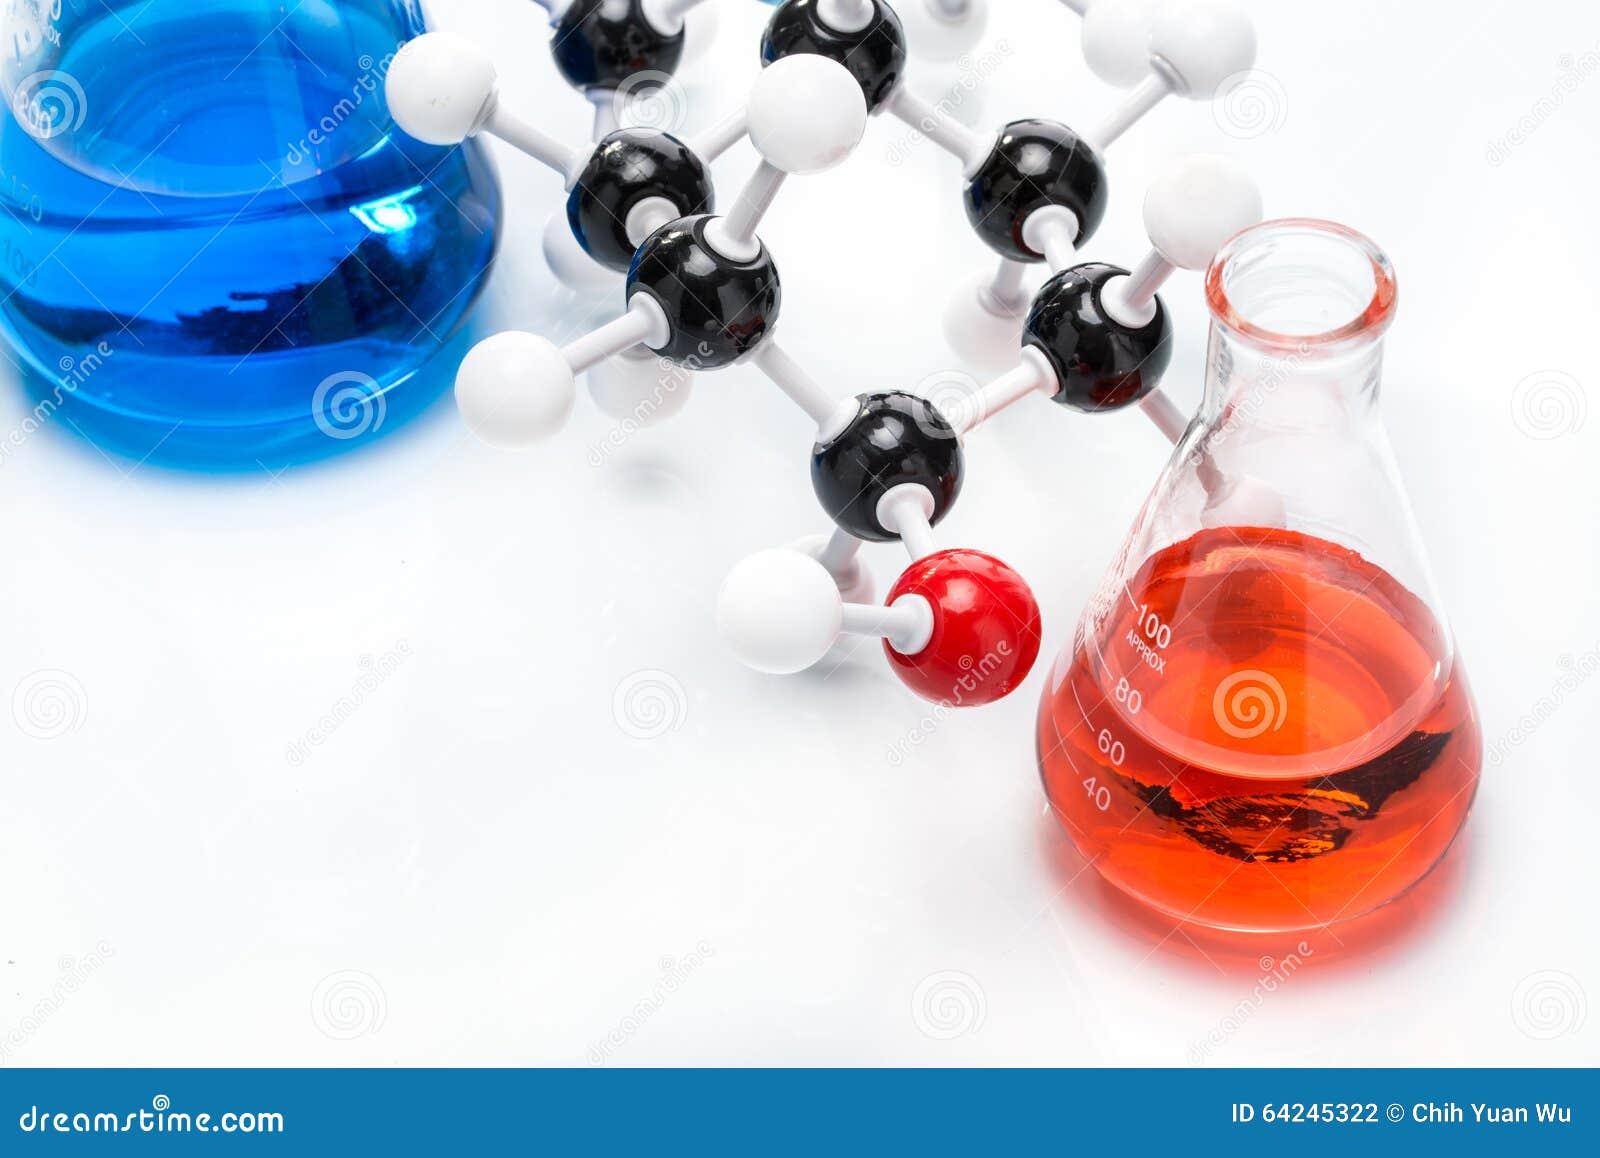 Estructura Molecular Y Líquido Colorido Foto De Archivo